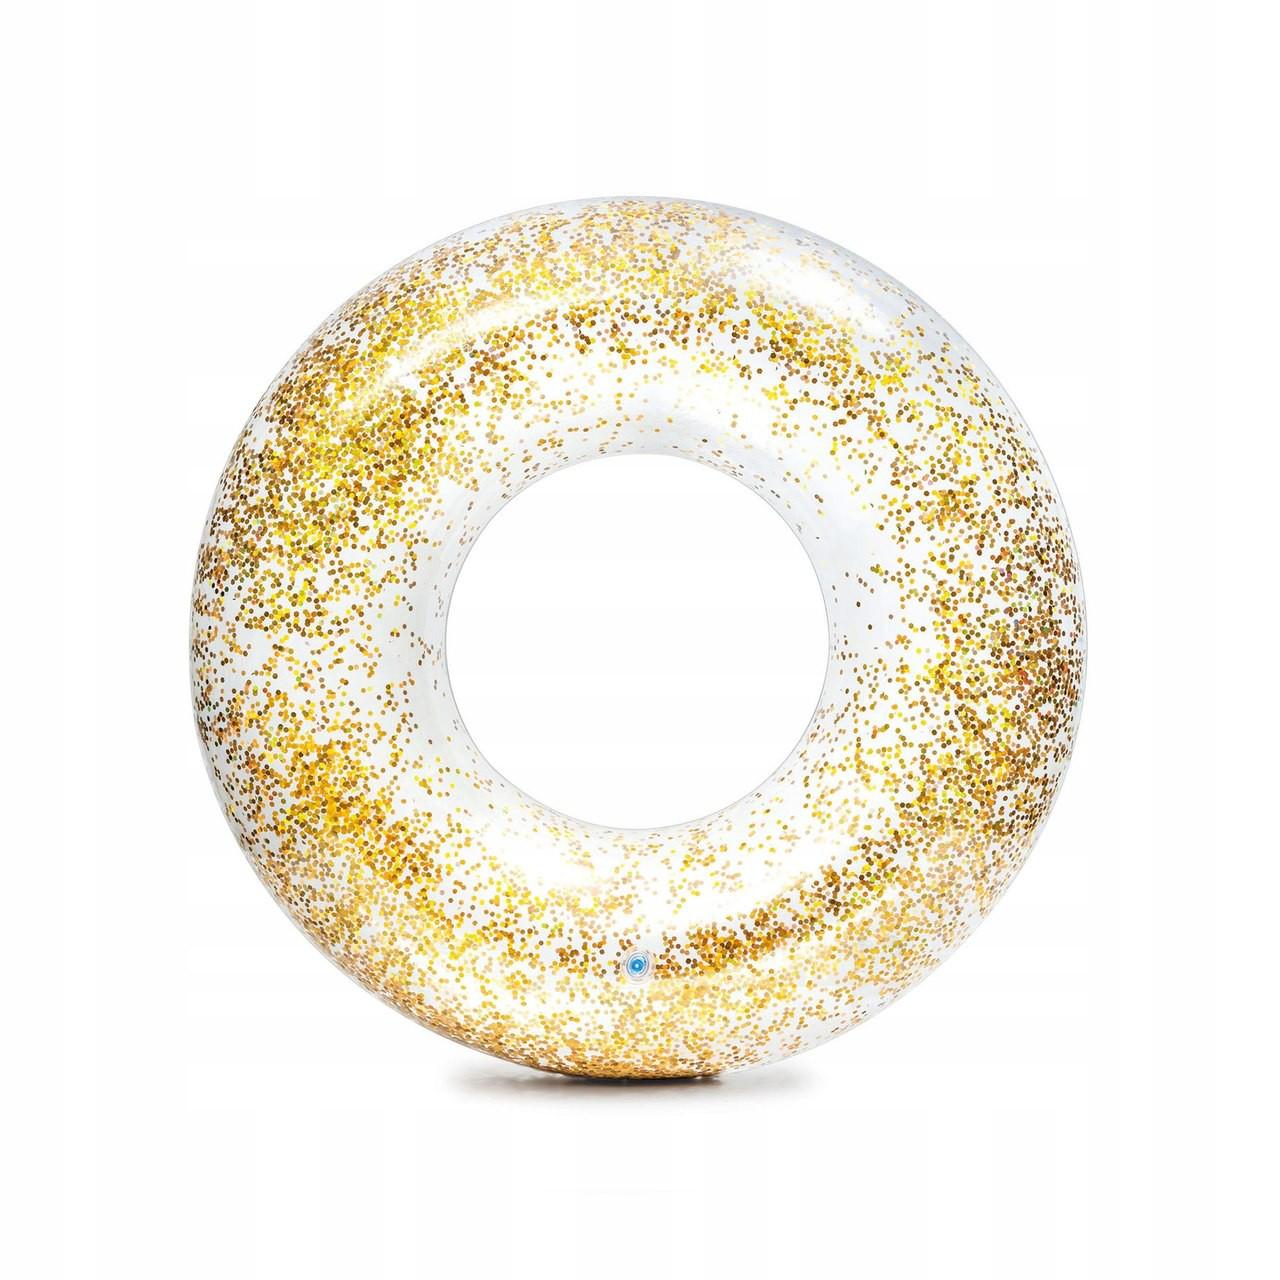 Boia Intex Transparente Inflável com Glitter Dourado - 56274